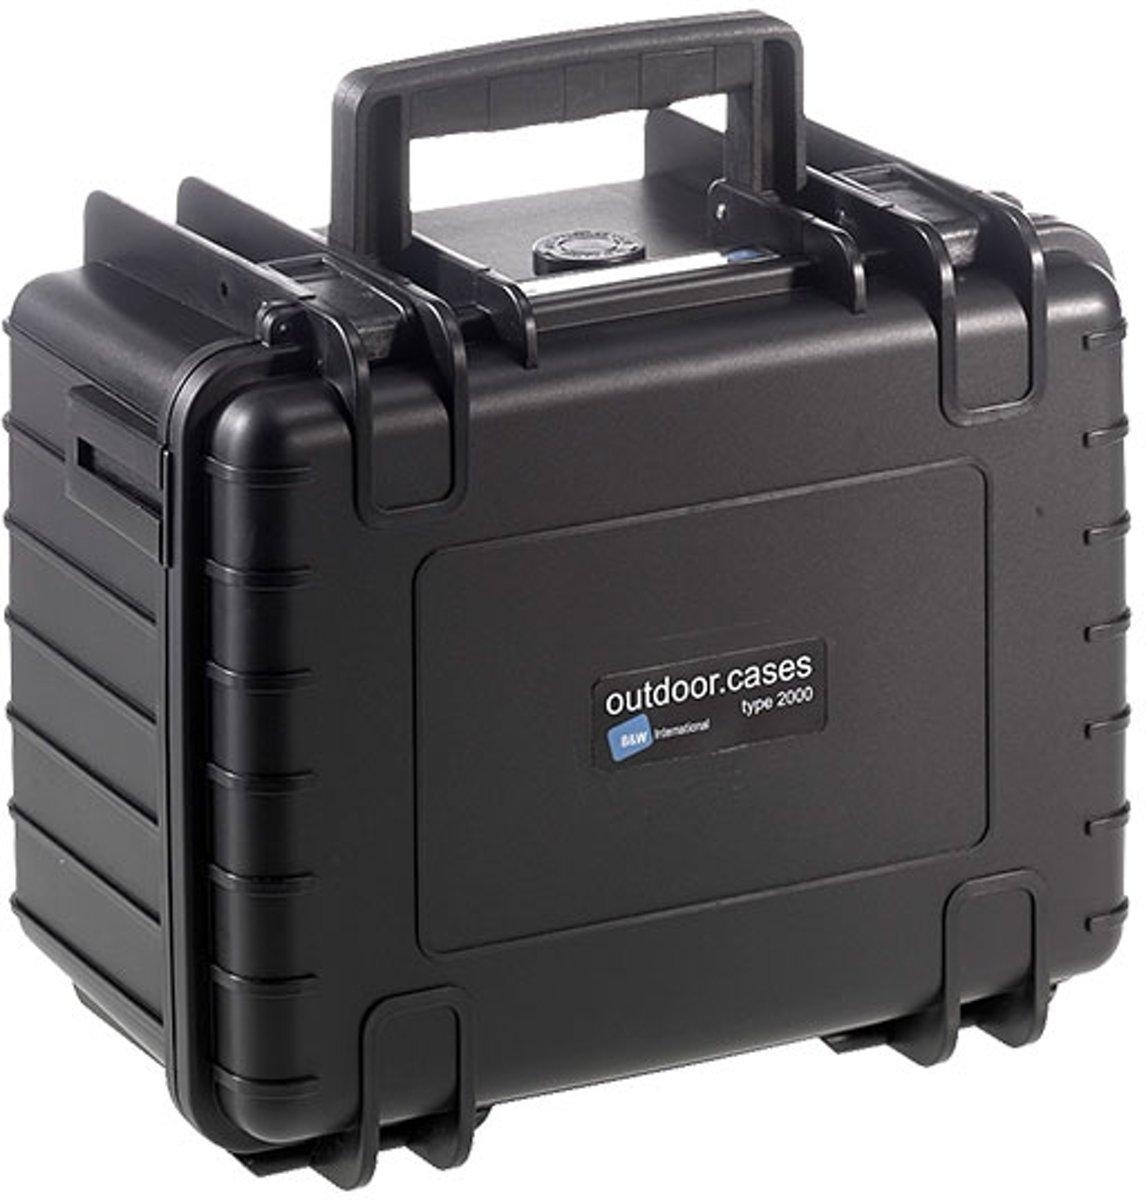 B&W Outdoor Case Type 2000 - Zwart met Plukschuim